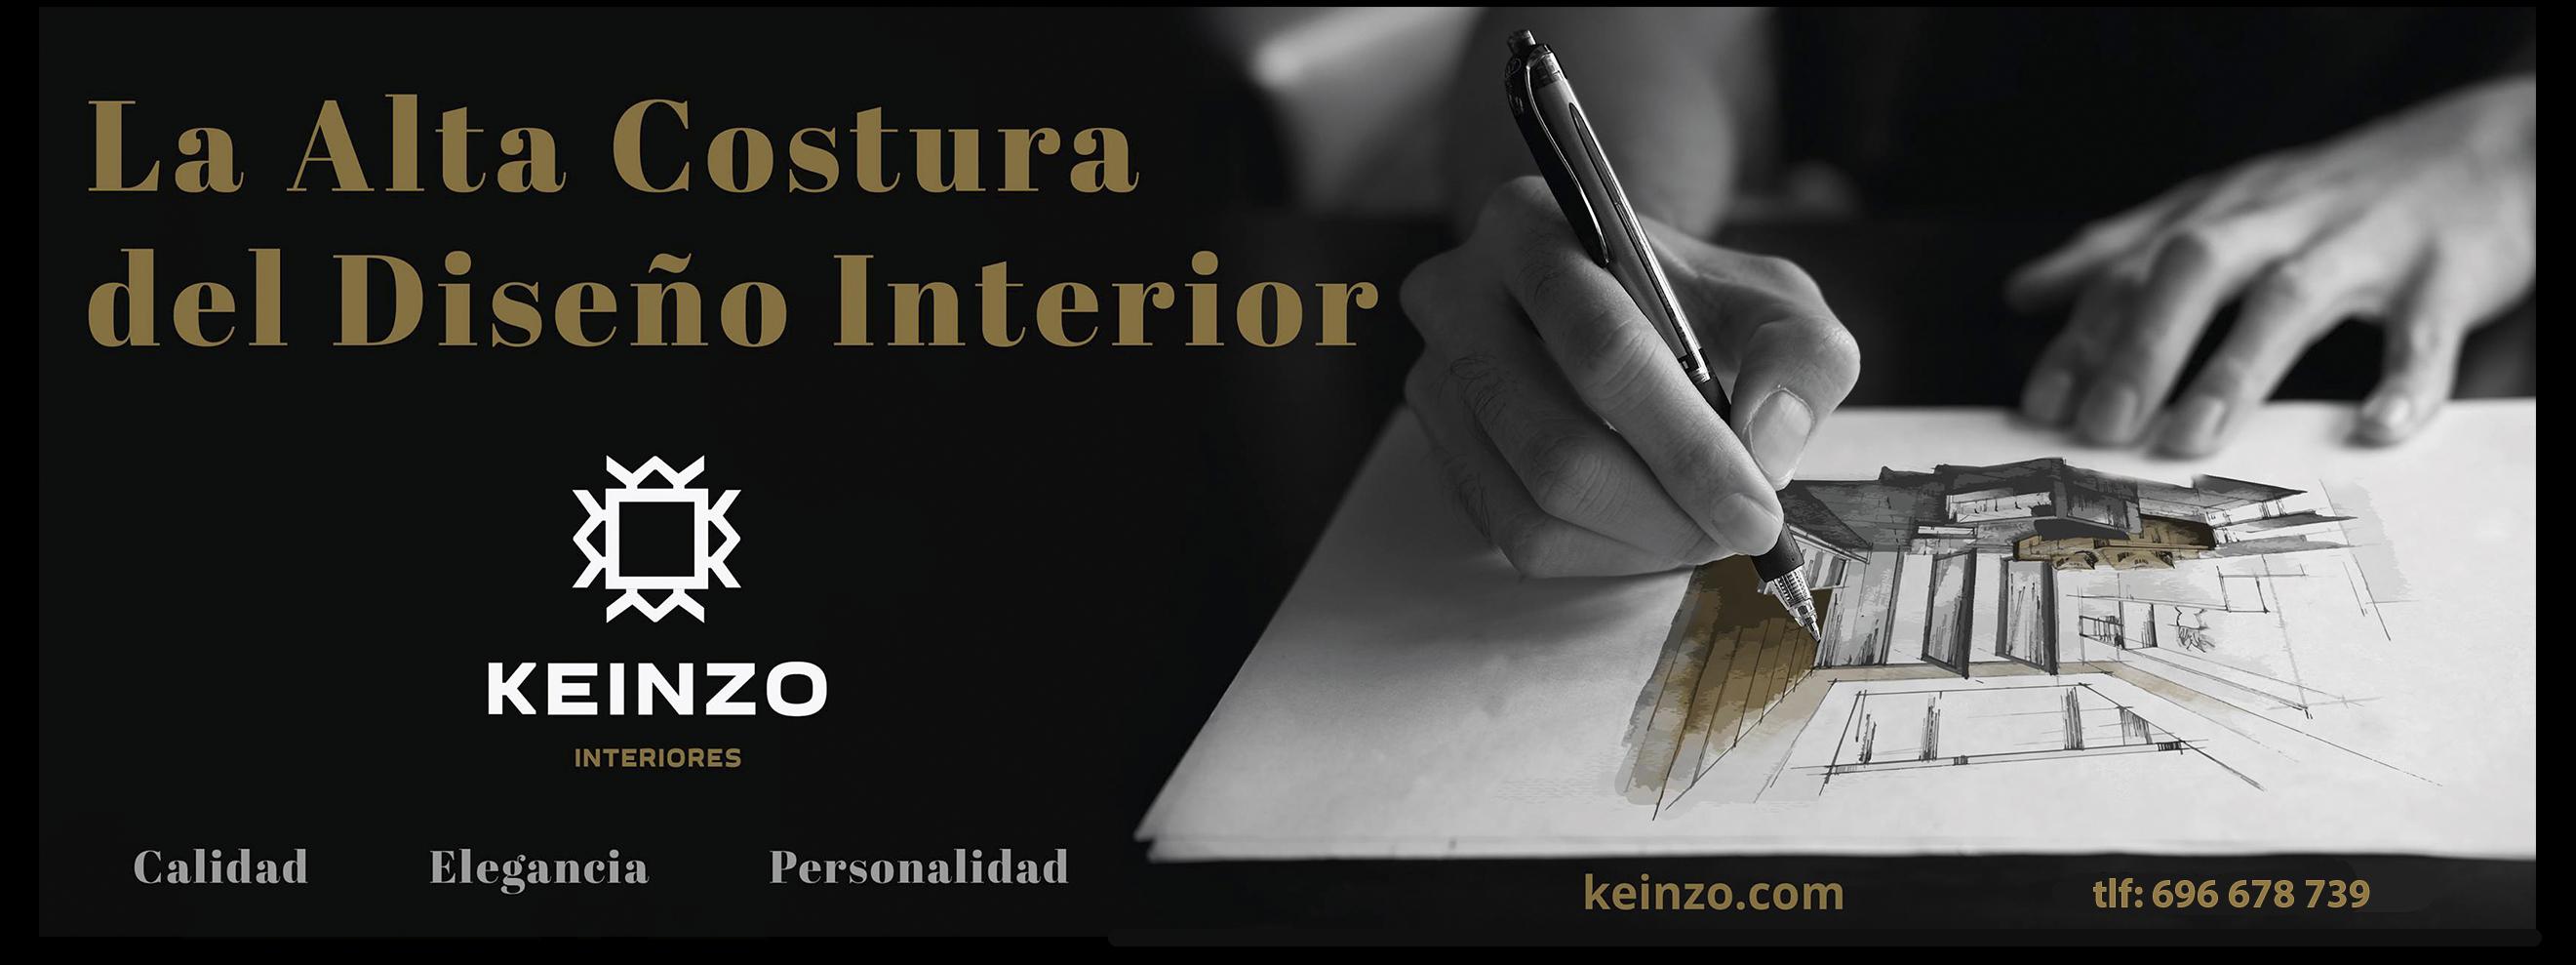 Interioristas en Murcia dedicados al diseño de interiores, reformas y amueblamiento integral.